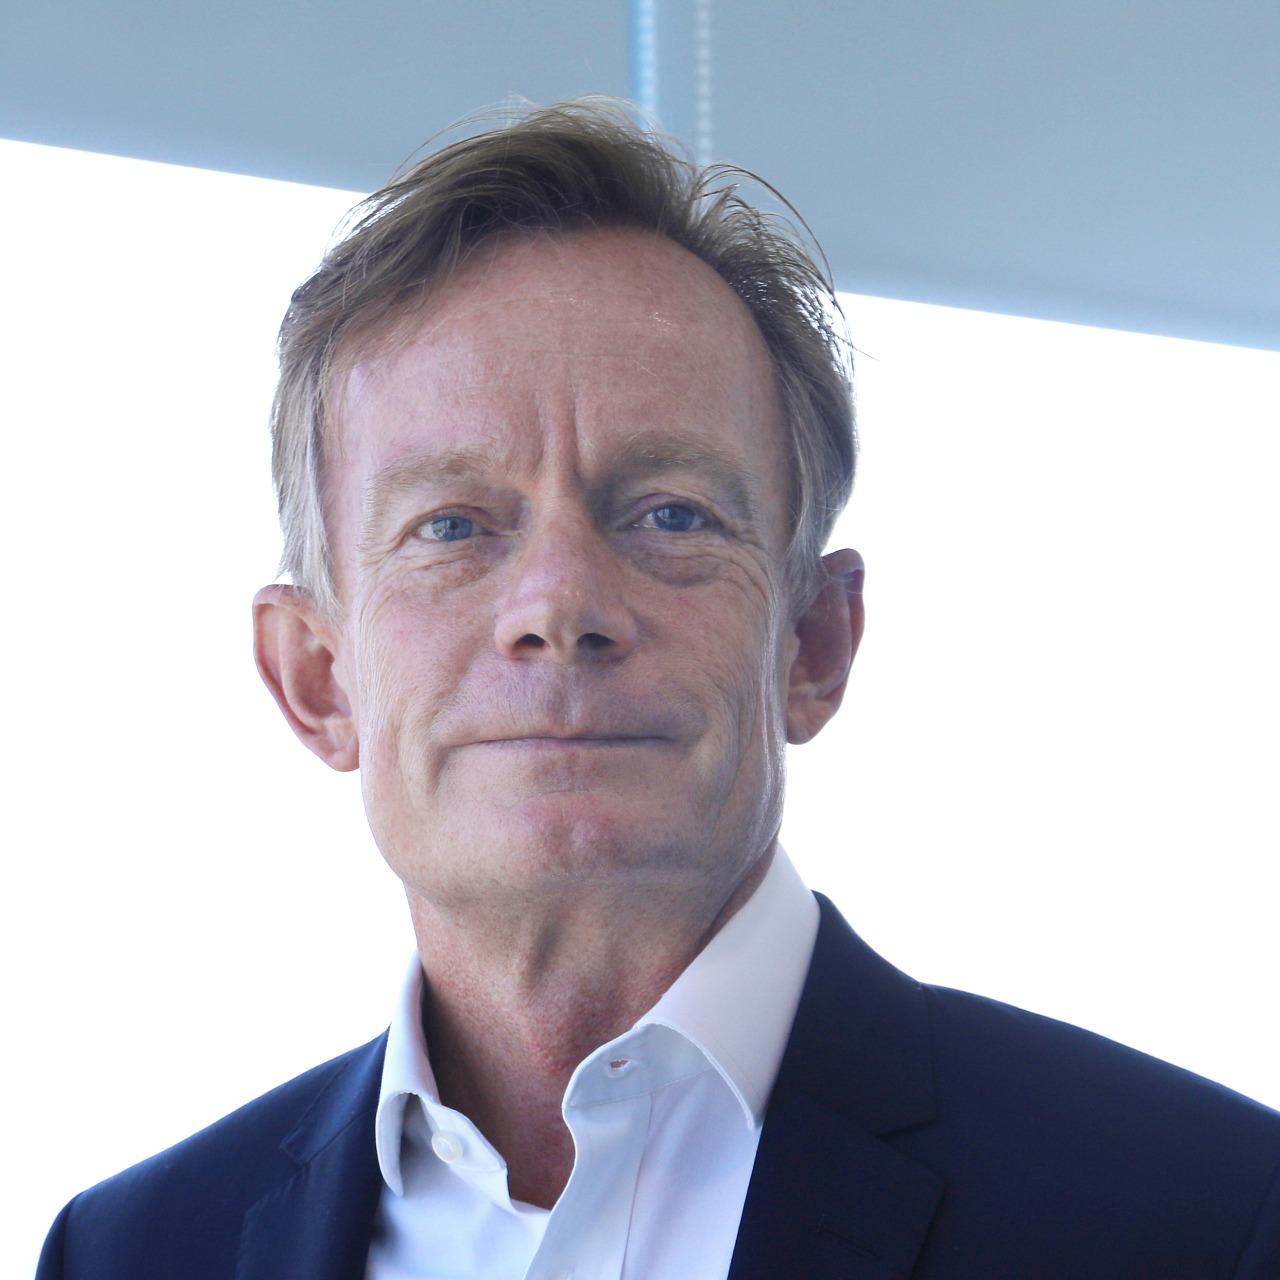 Steven Gommert Vette